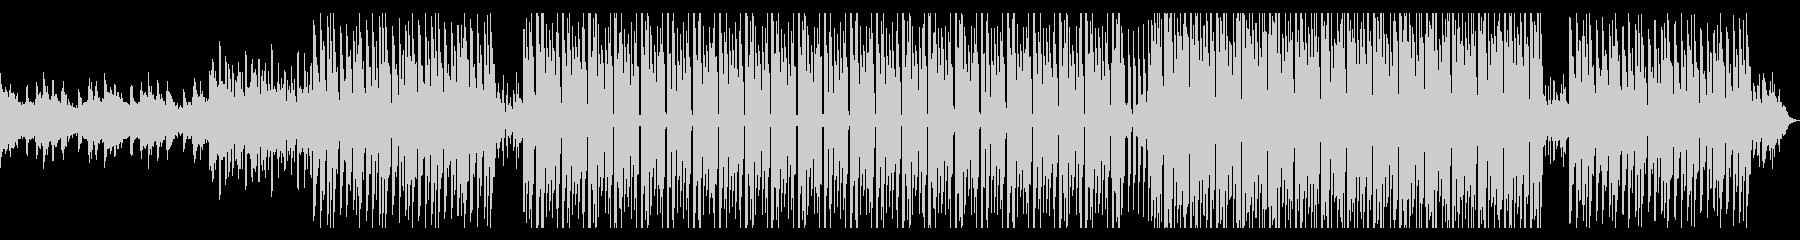 音数少なめのお洒落なディープハウスの未再生の波形